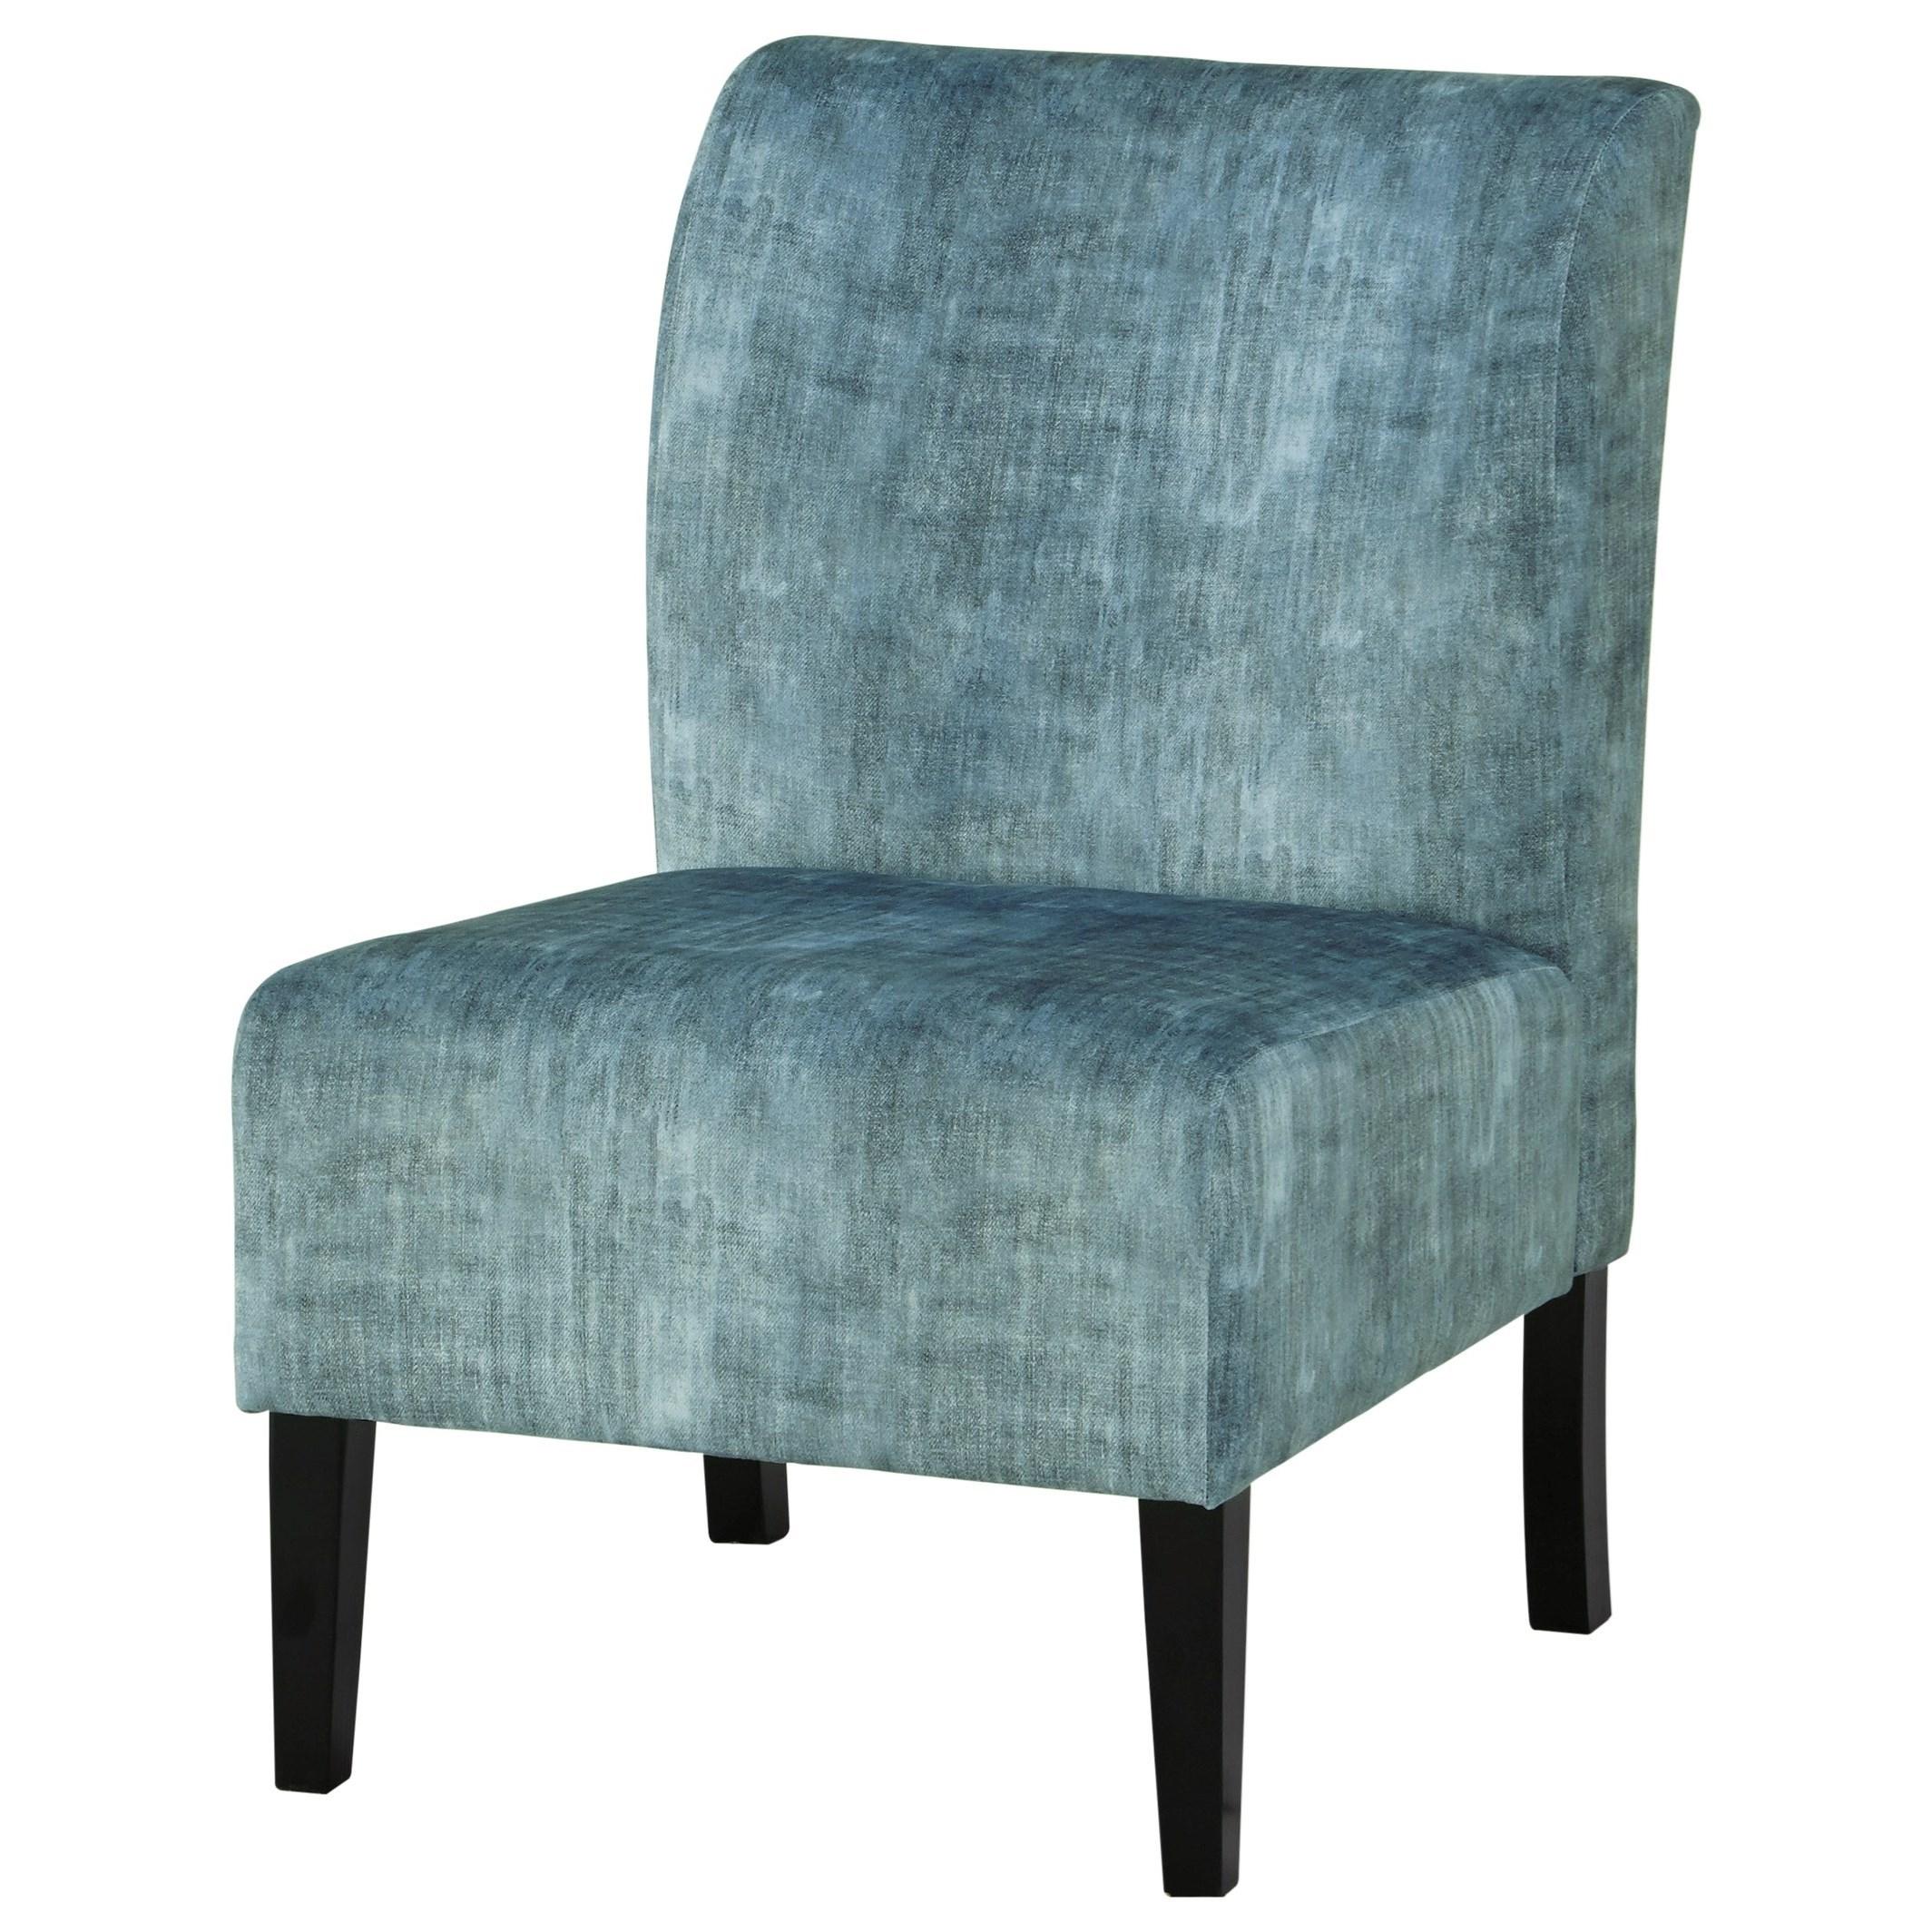 Triptis Triptis Accent Chair by Ashley at Morris Home